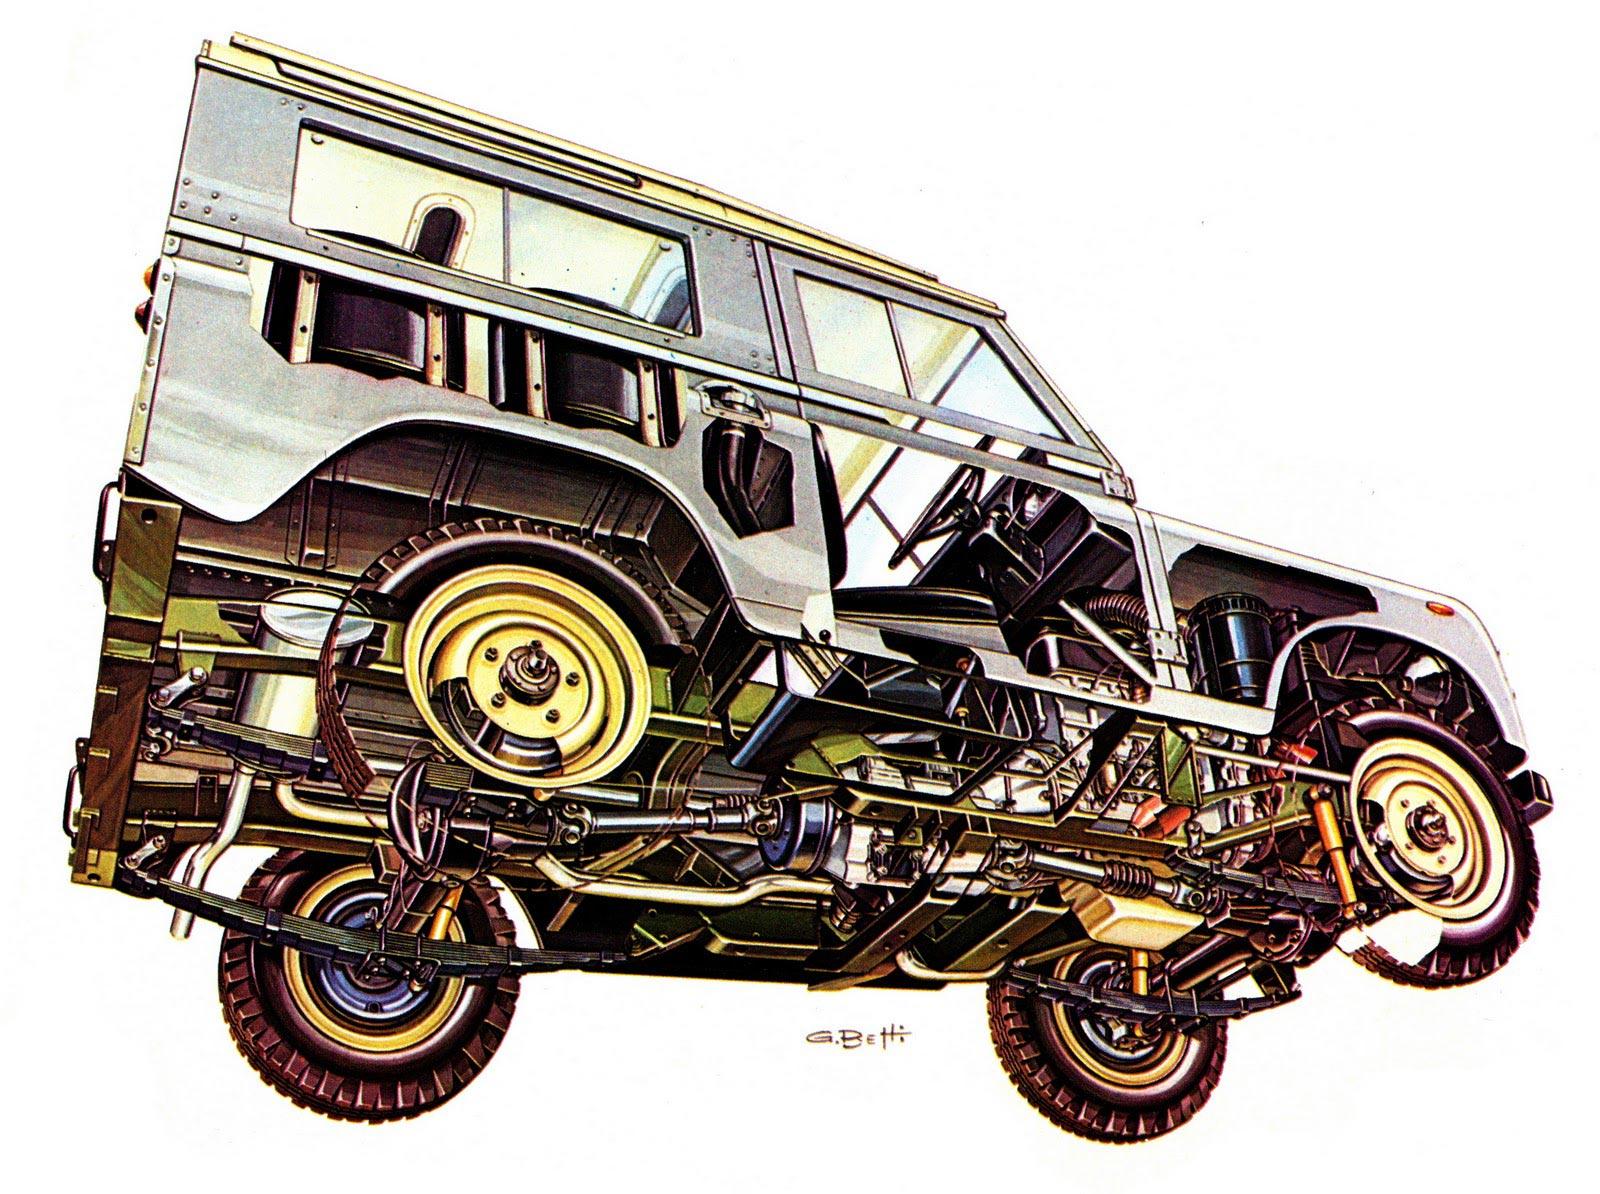 Land Rover Series III cutaway